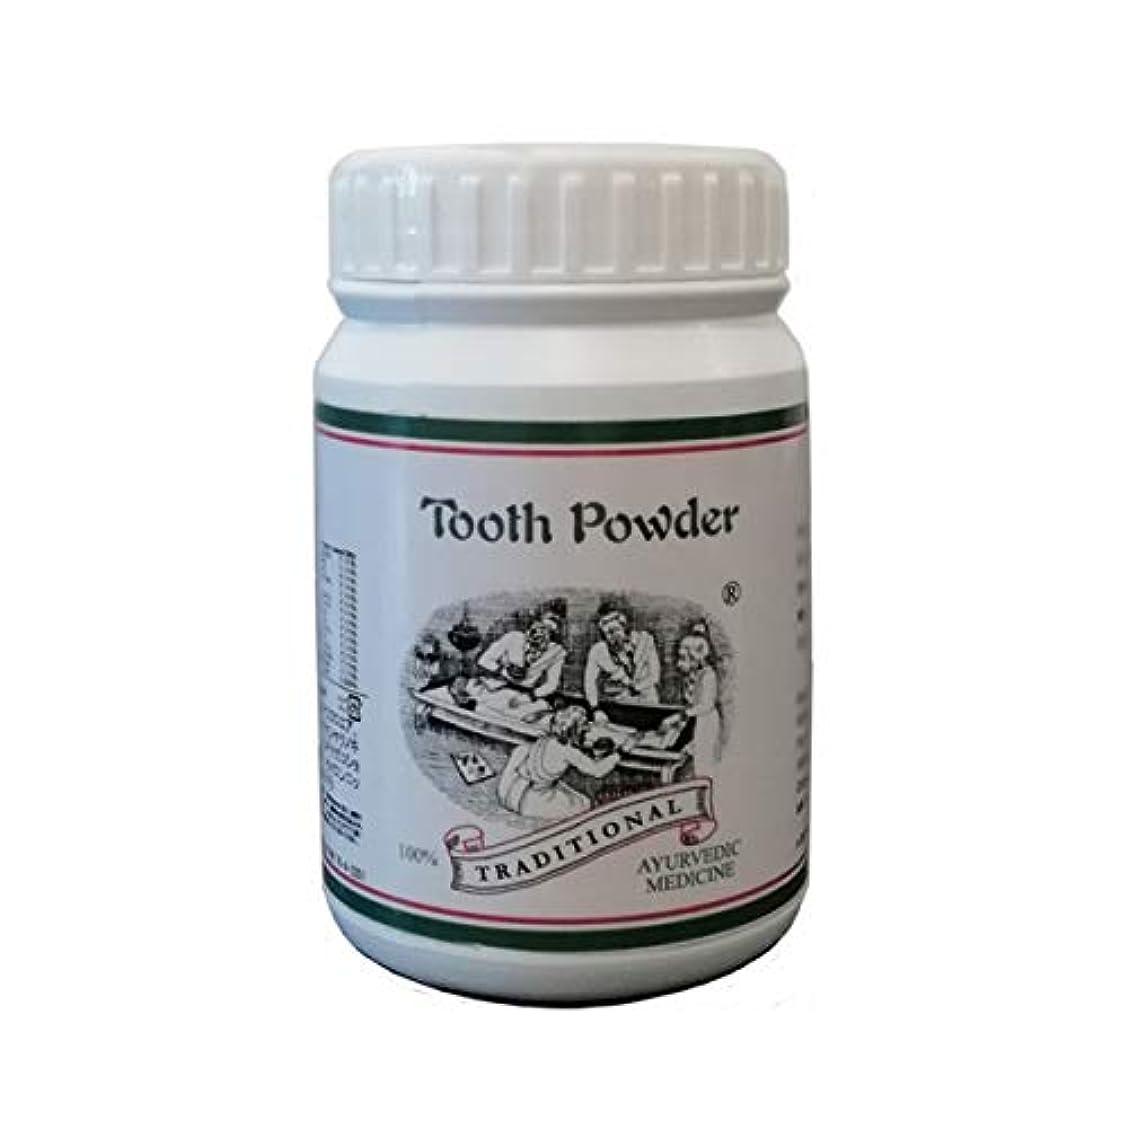 確実はい証拠インド アーユルヴェーダ カイラリ トゥース パウダー(パウダー 歯磨き粉)50g【Kairali 正規輸入品】